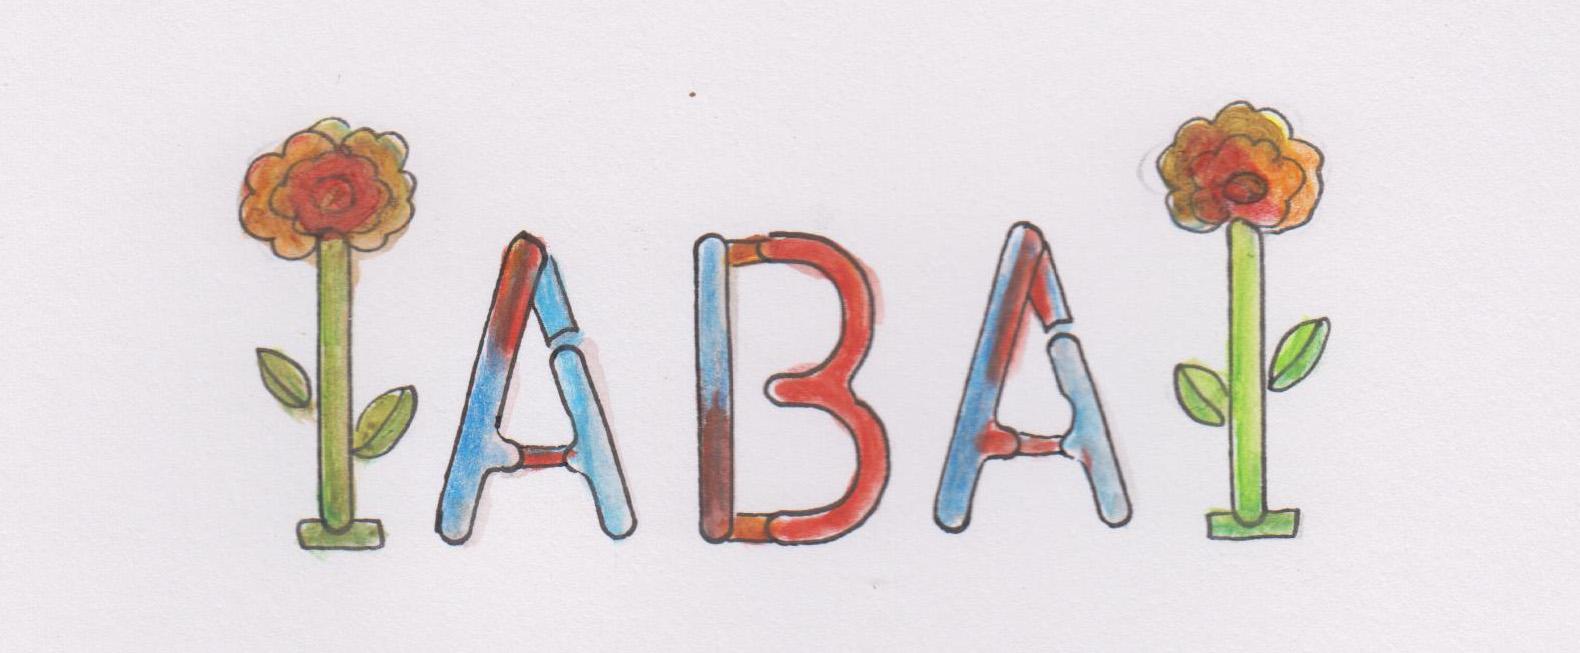 iabai